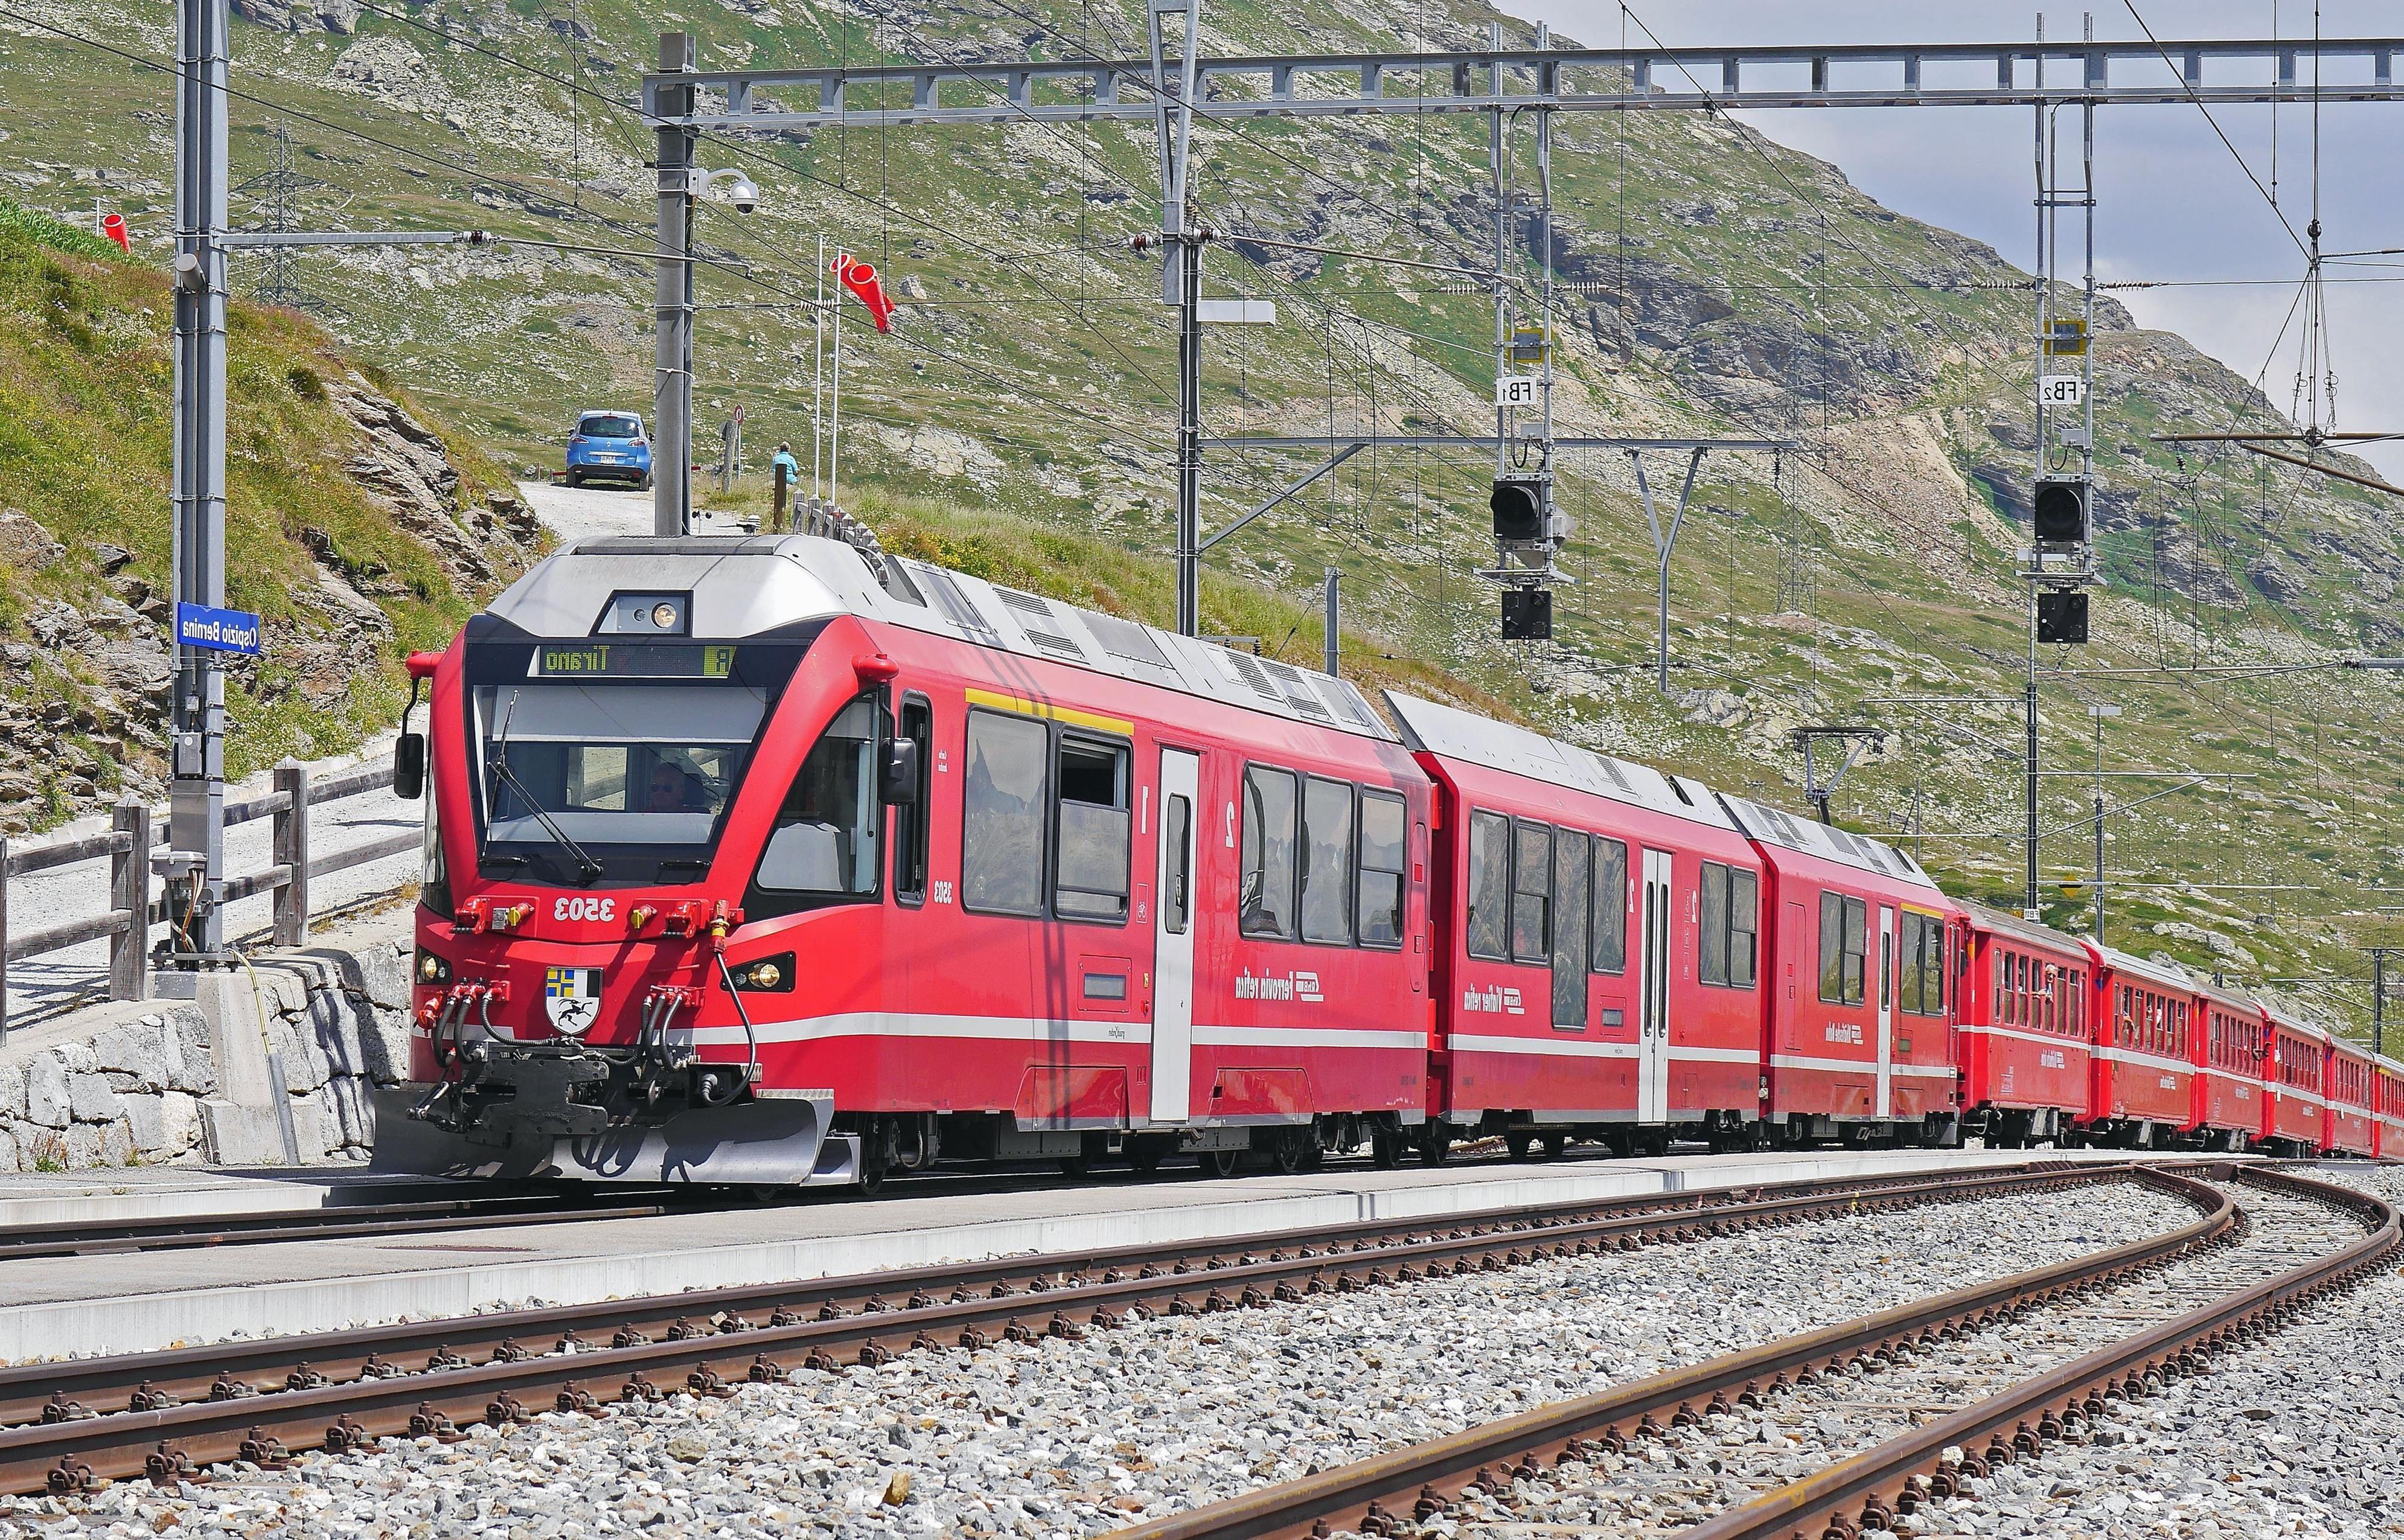 хотите картинки поездов разных странах услужение